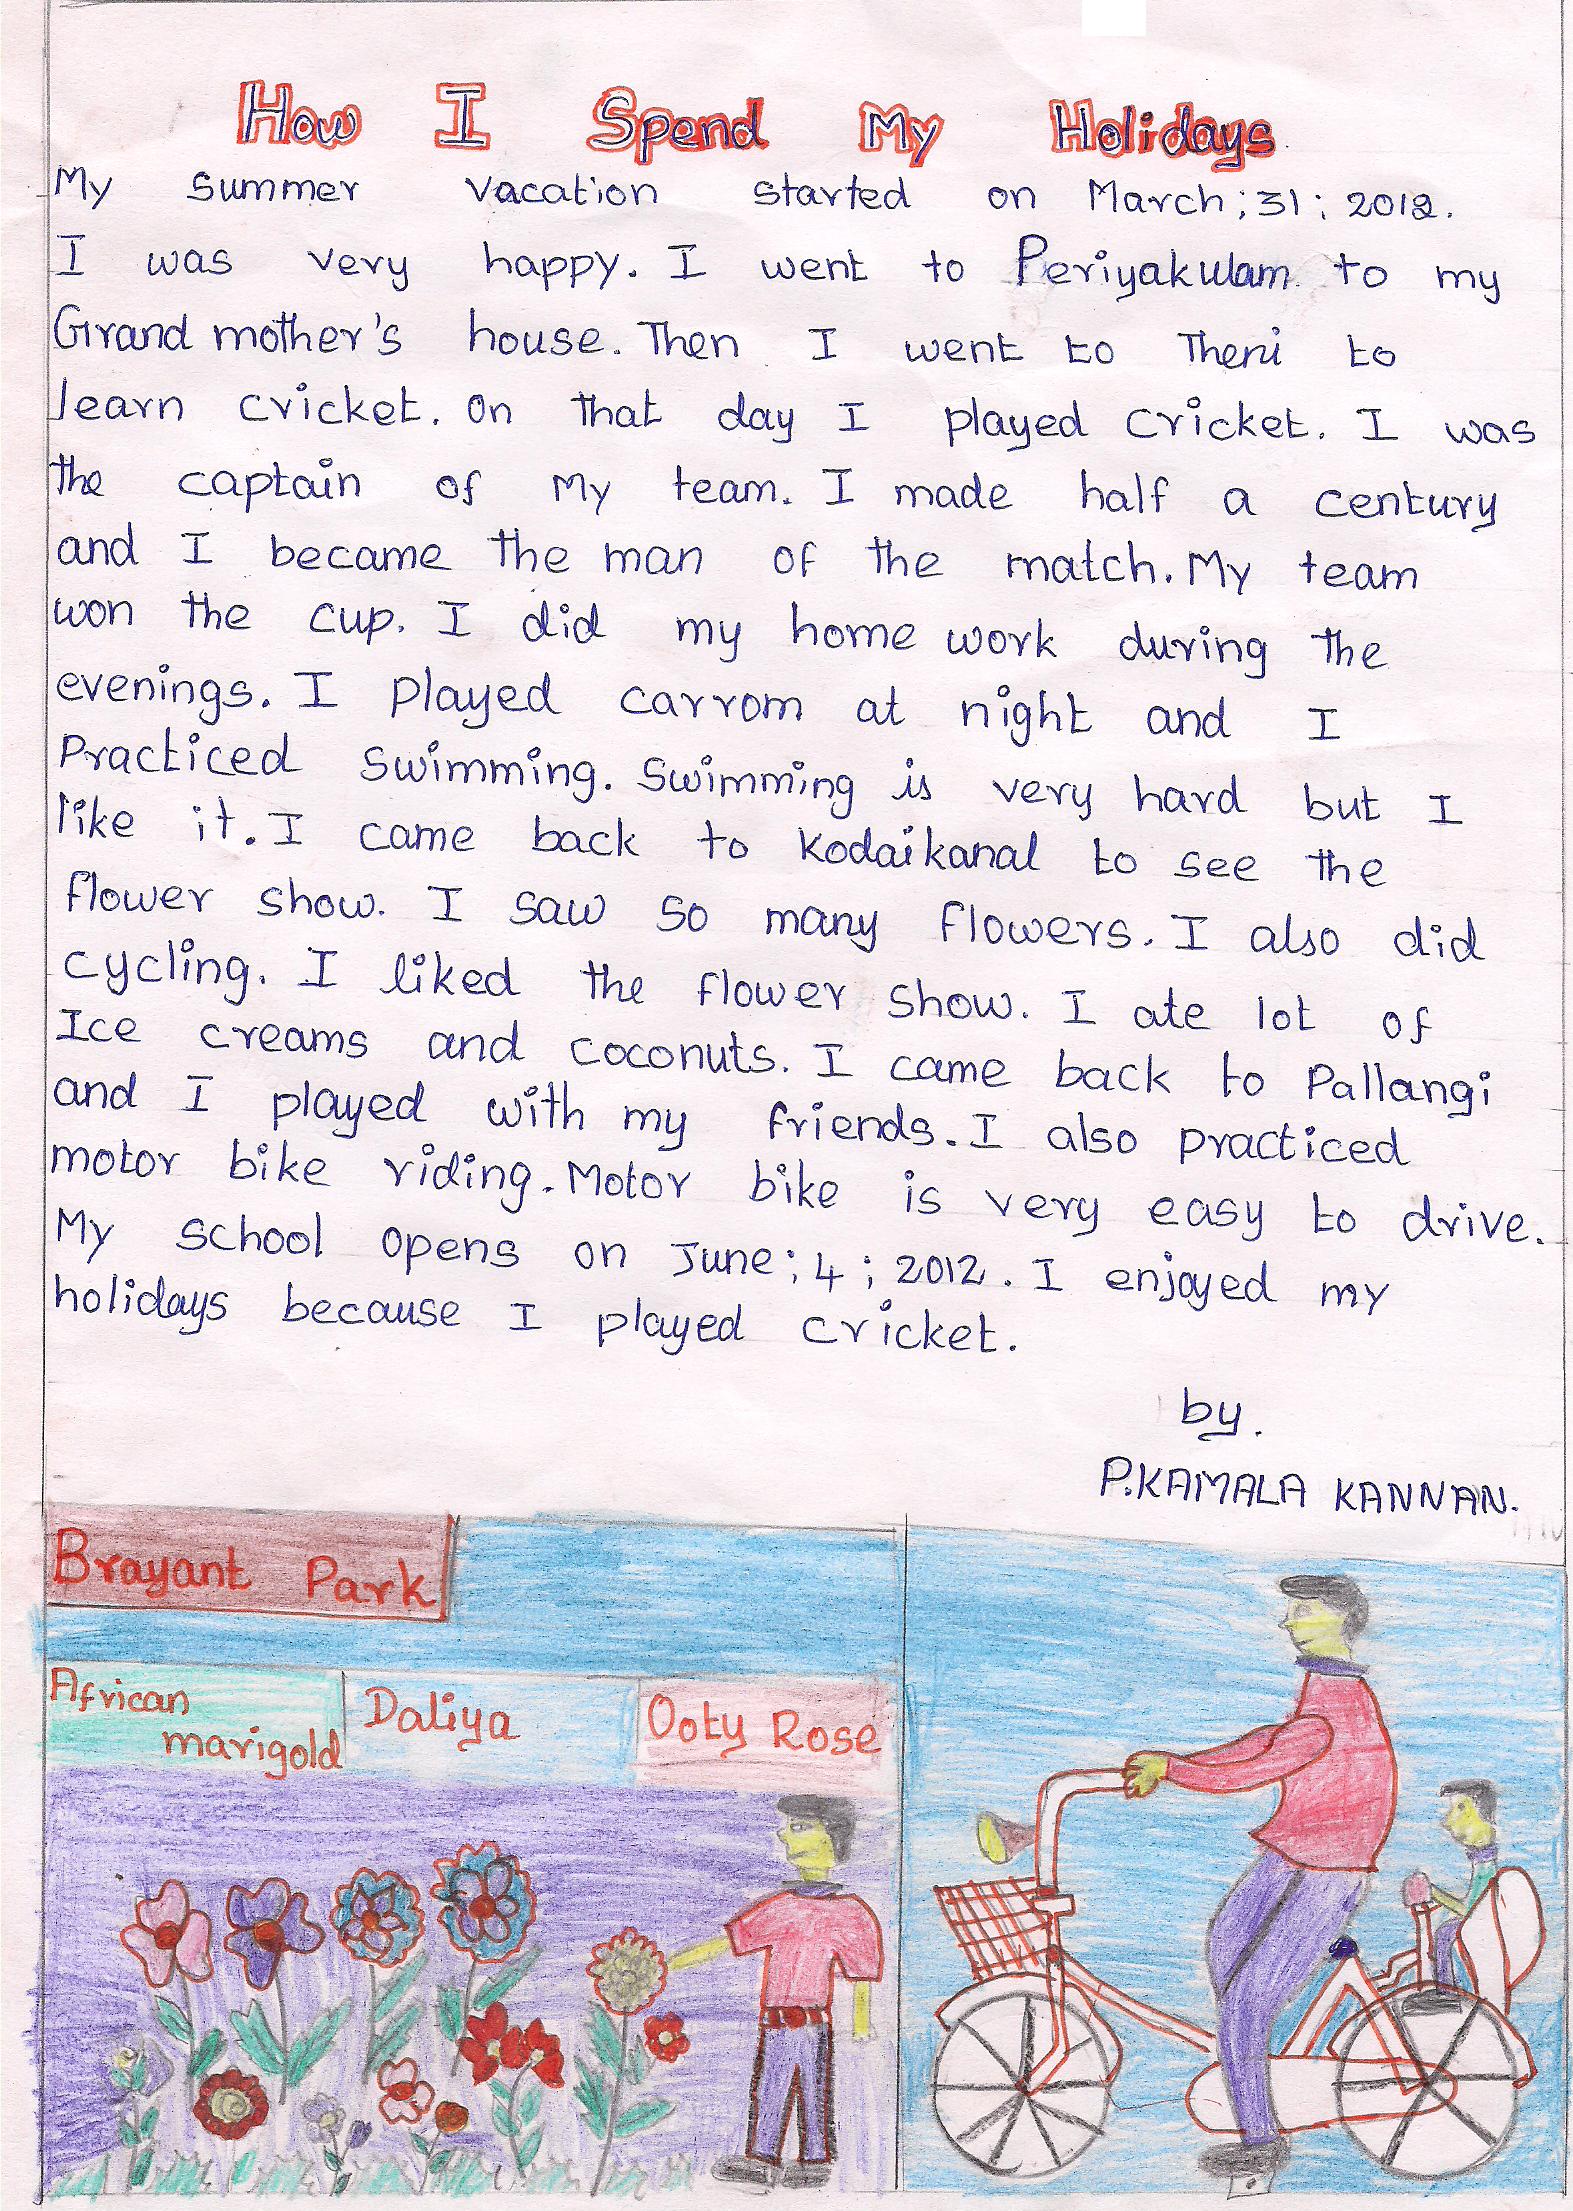 022 Summer Vacation Essay Frightening For Class 6 In Urdu On Marathi Full